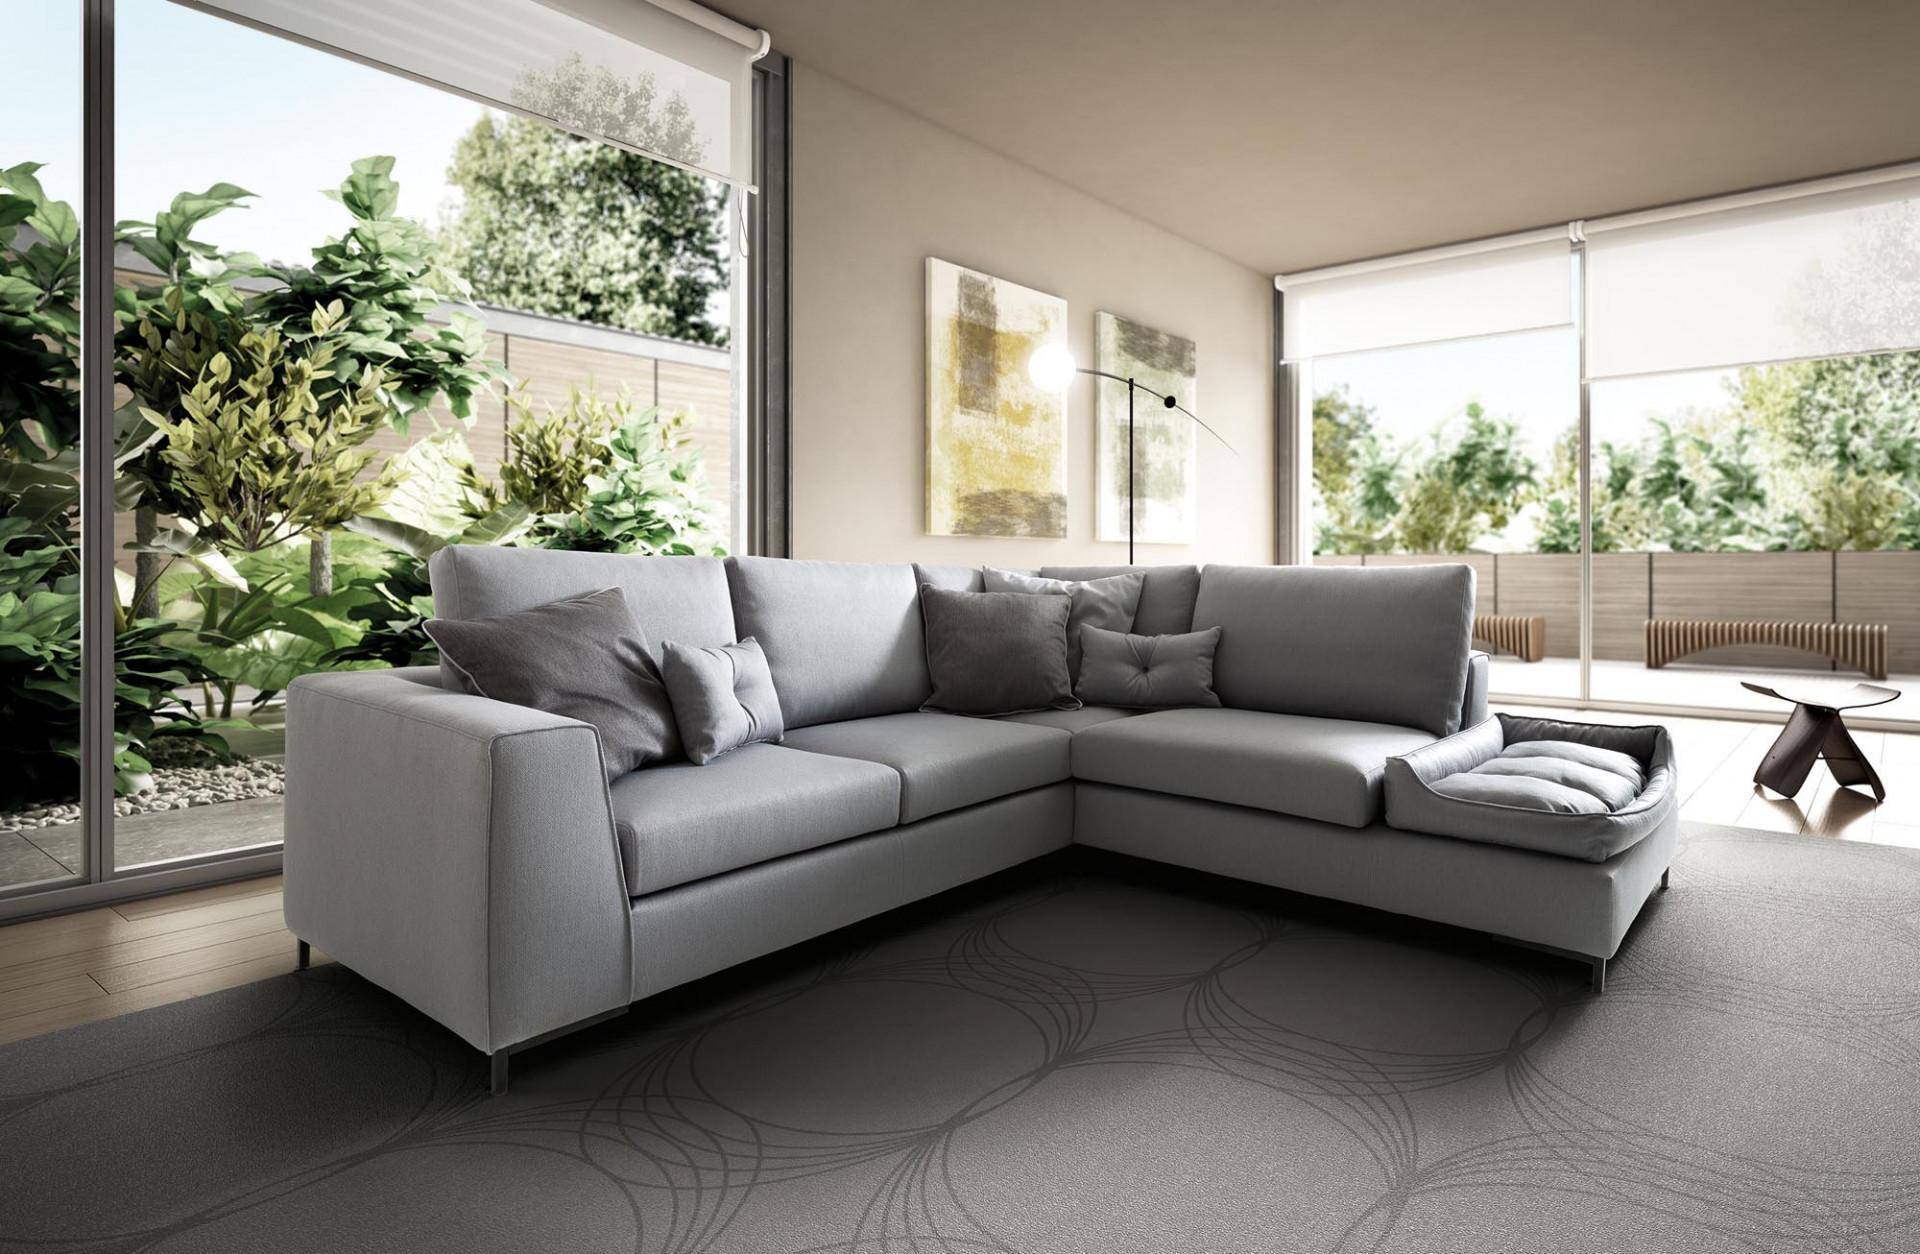 Divani in tessuto harmony lecomfort - Divano le confort ...